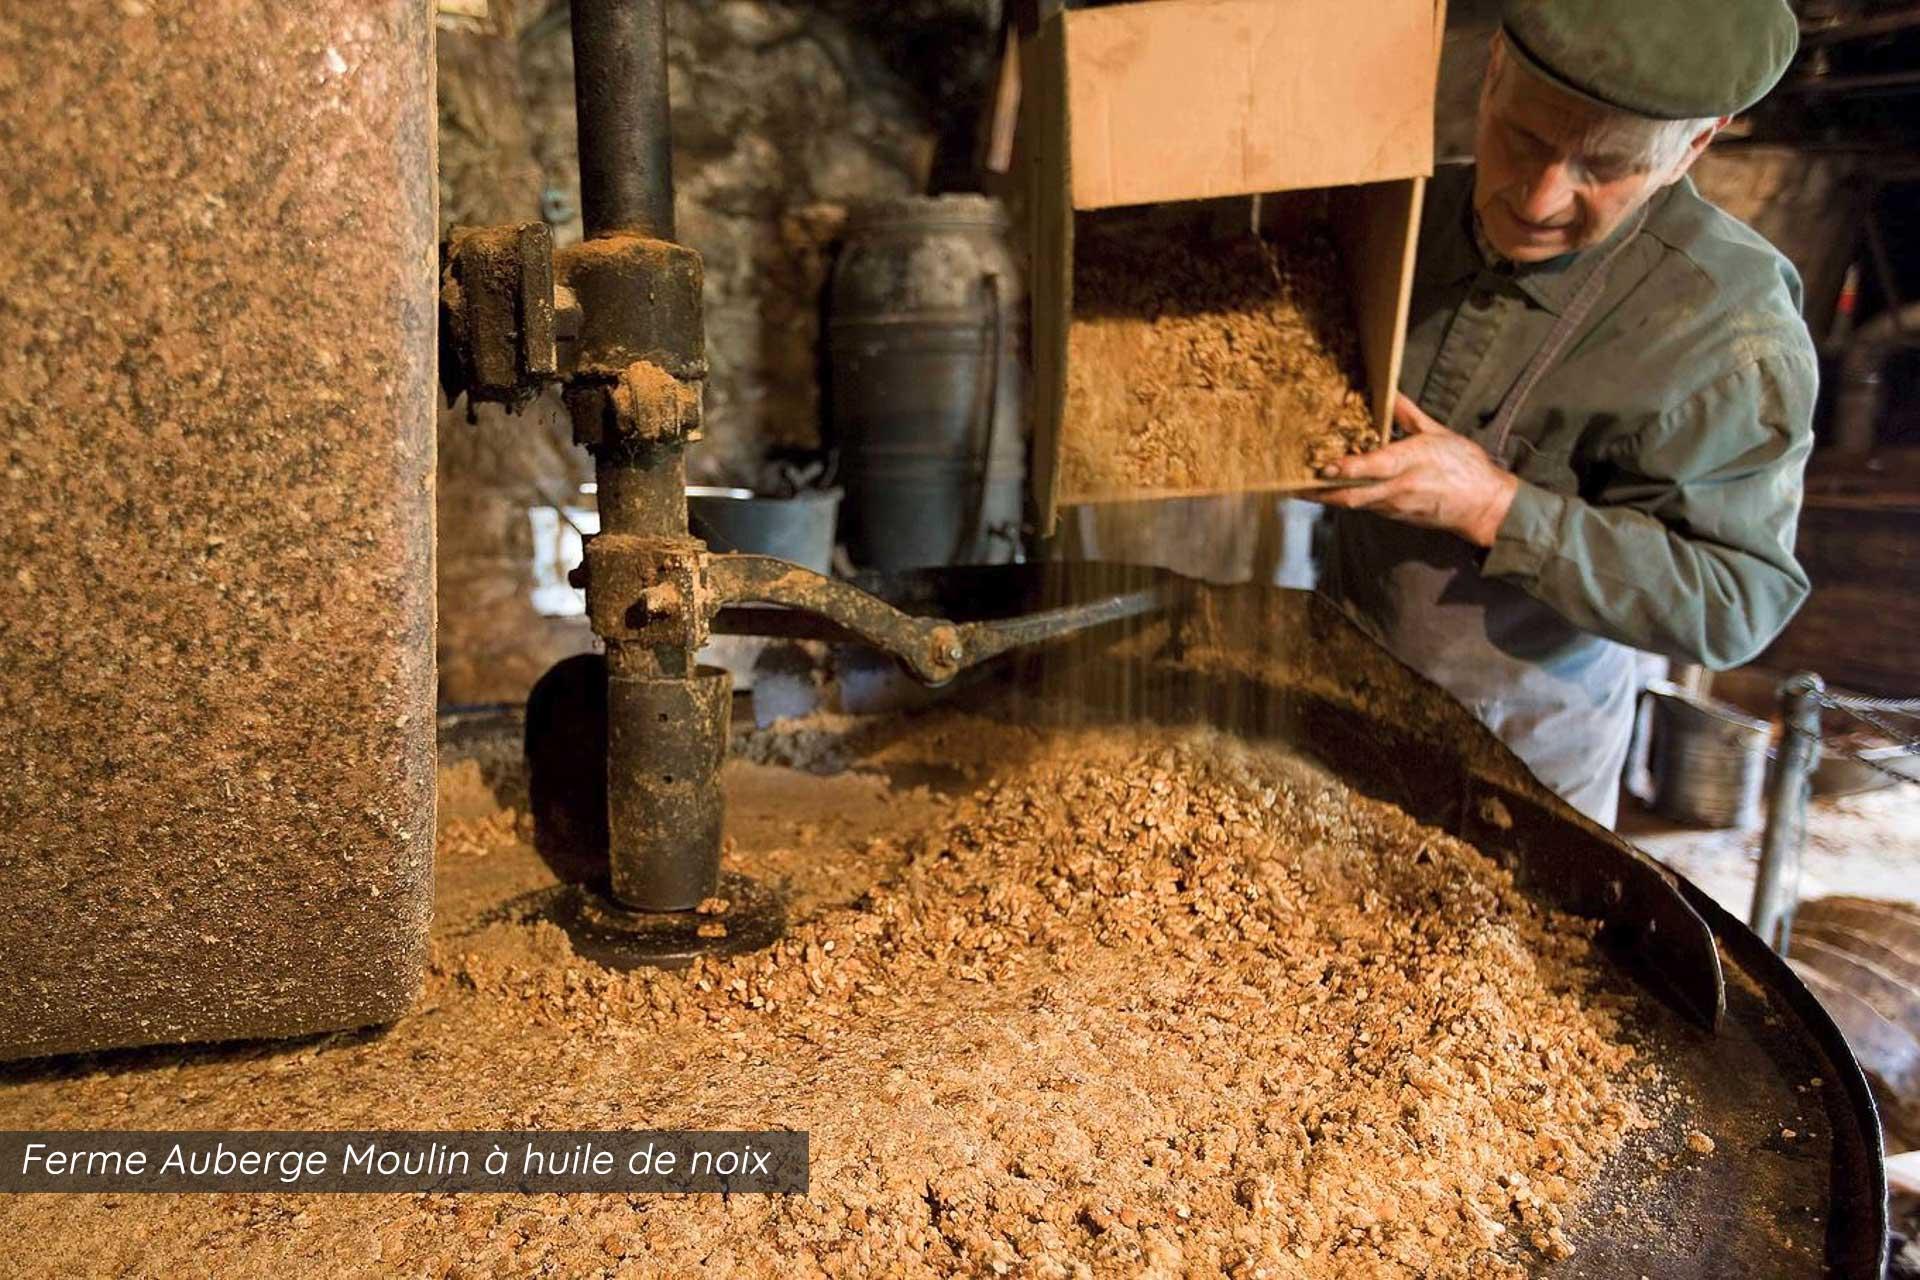 ferme auberge moulin à huile de noix martel